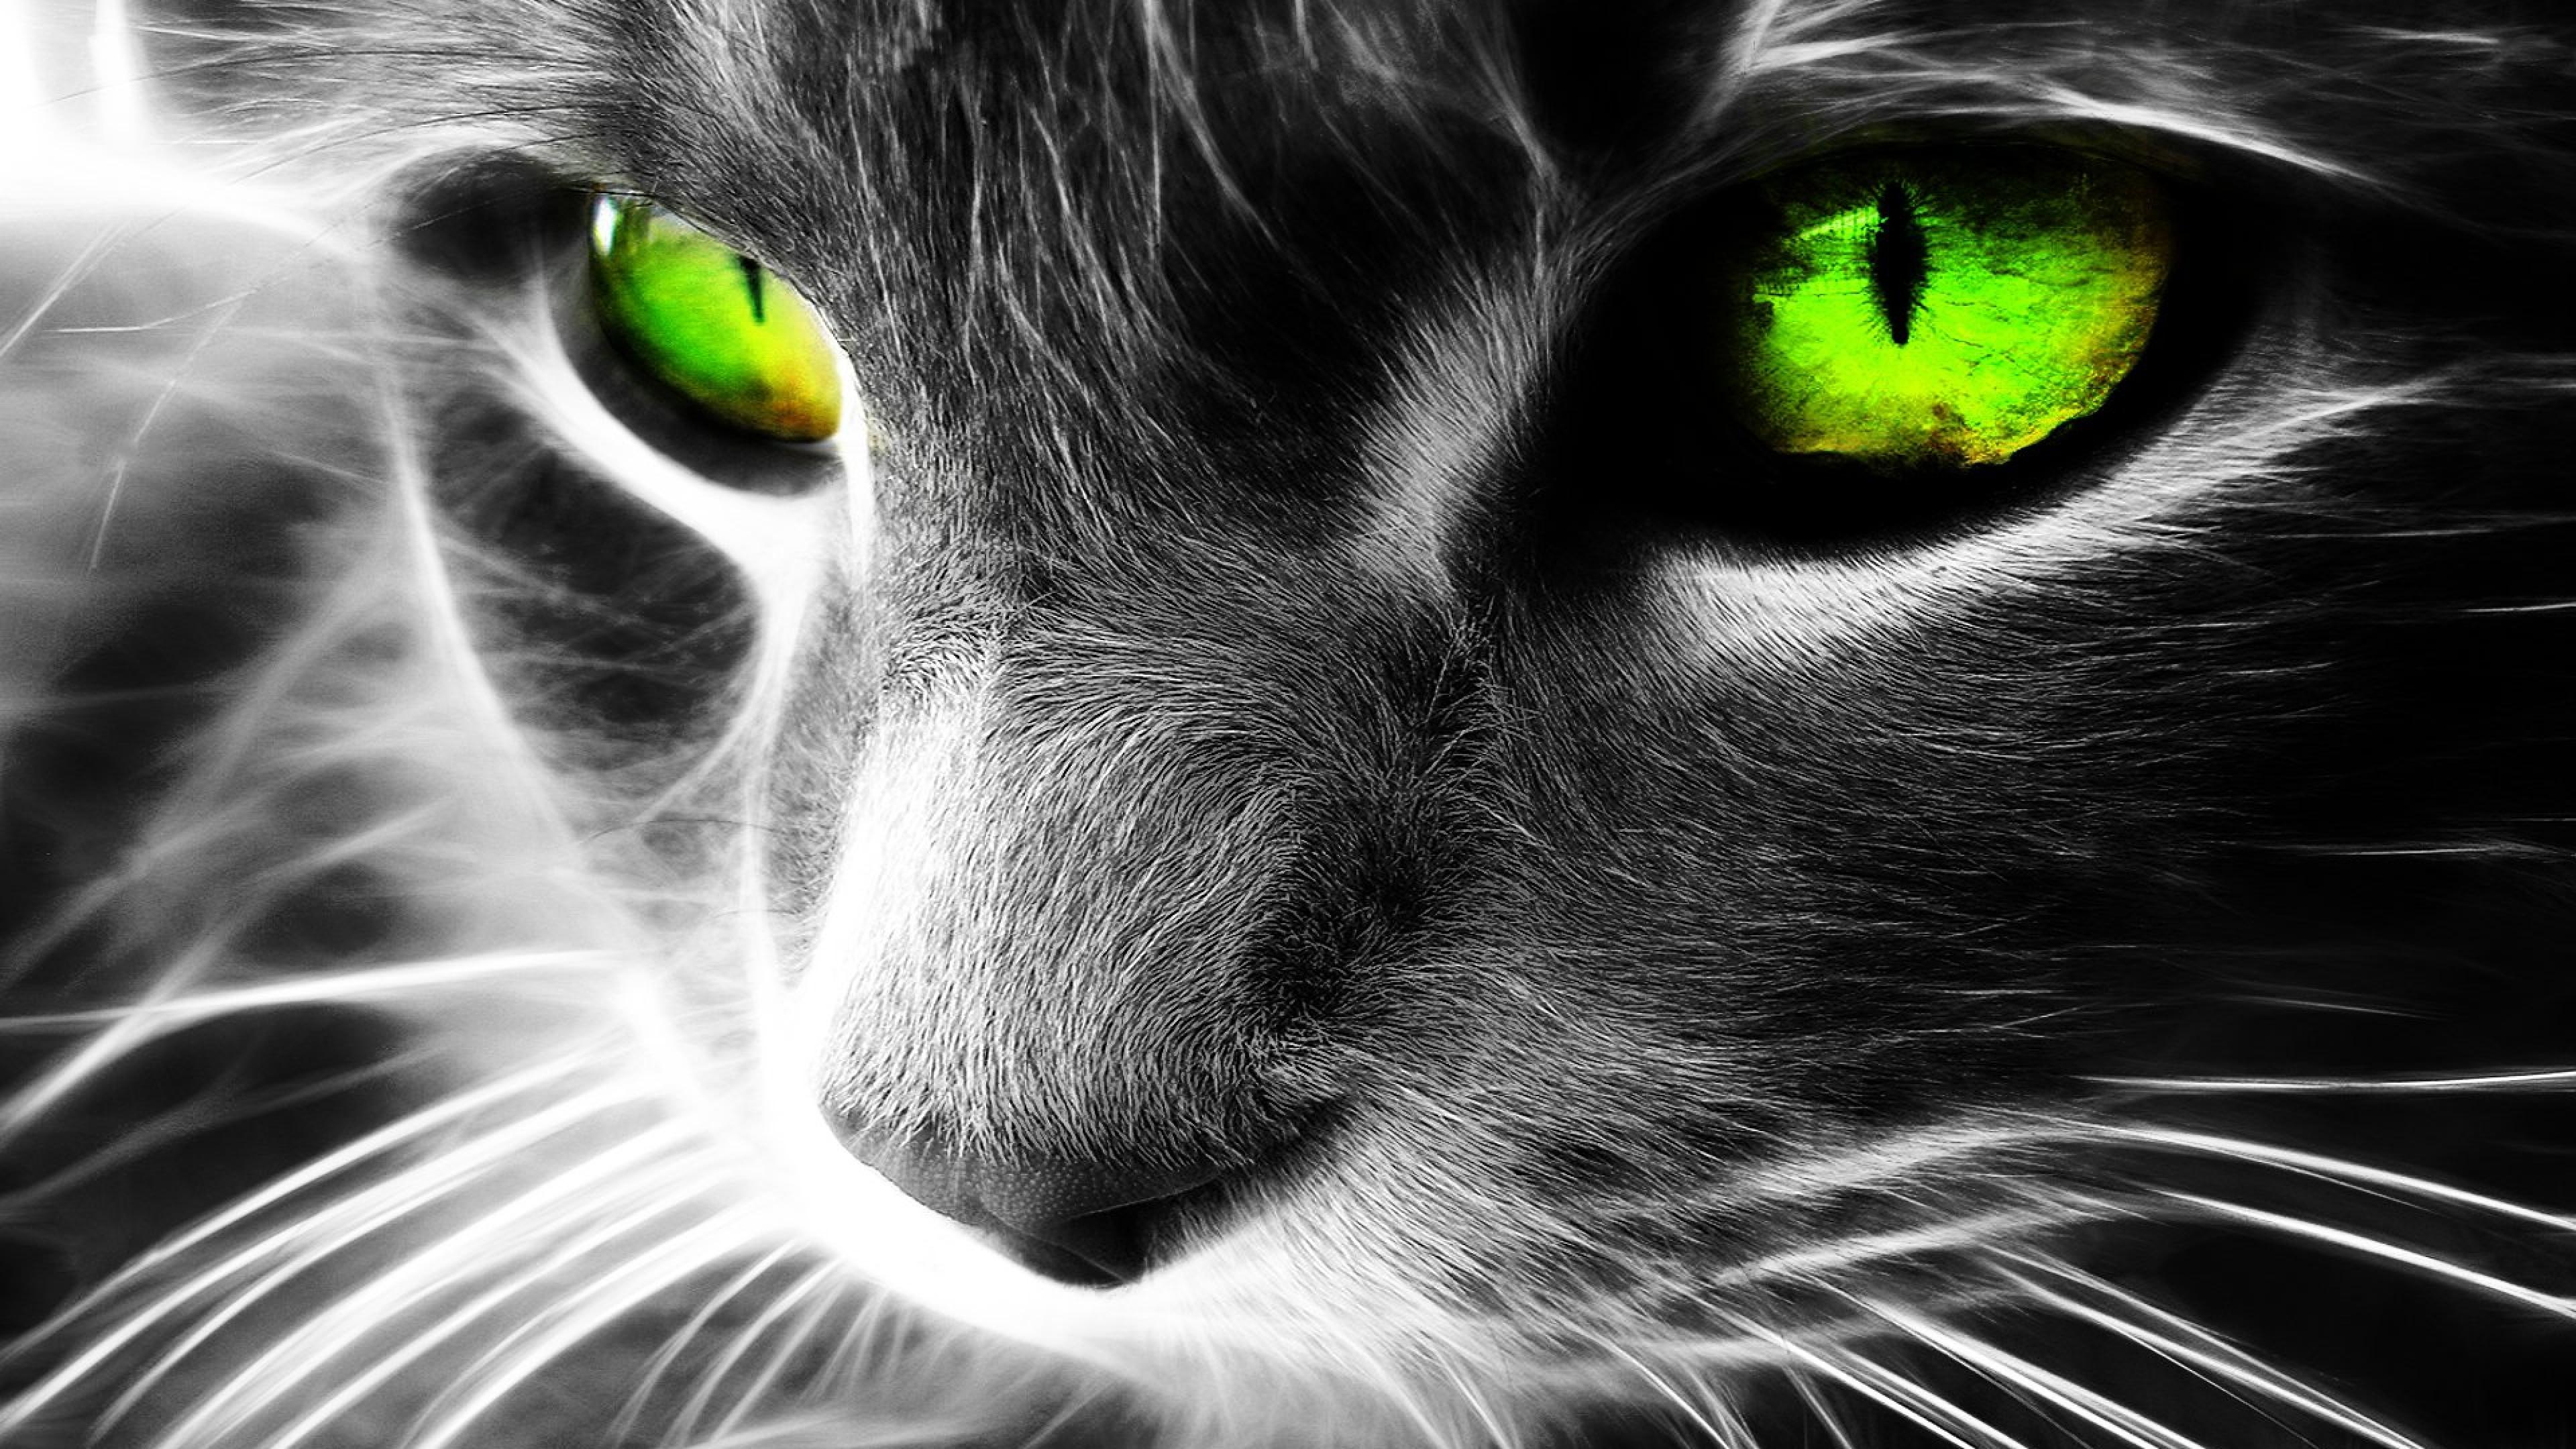 кот глаза зеленые бесплатно